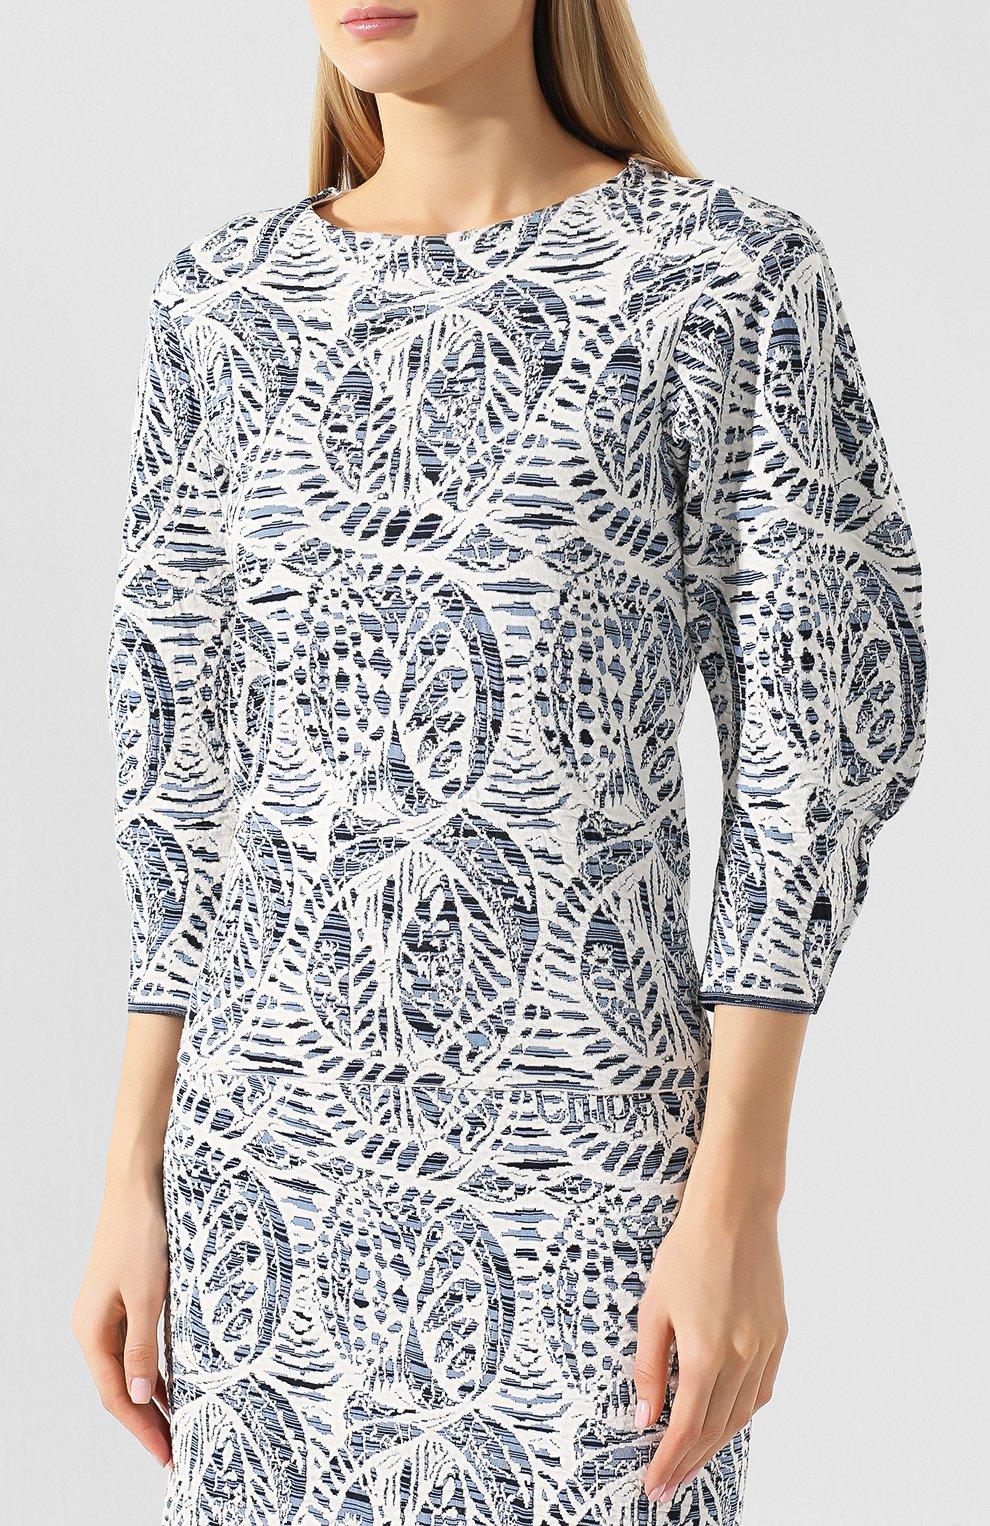 6f2e1a8297e Женская одежда по цене от 1 740 руб. купить в интернет-магазине ЦУМ